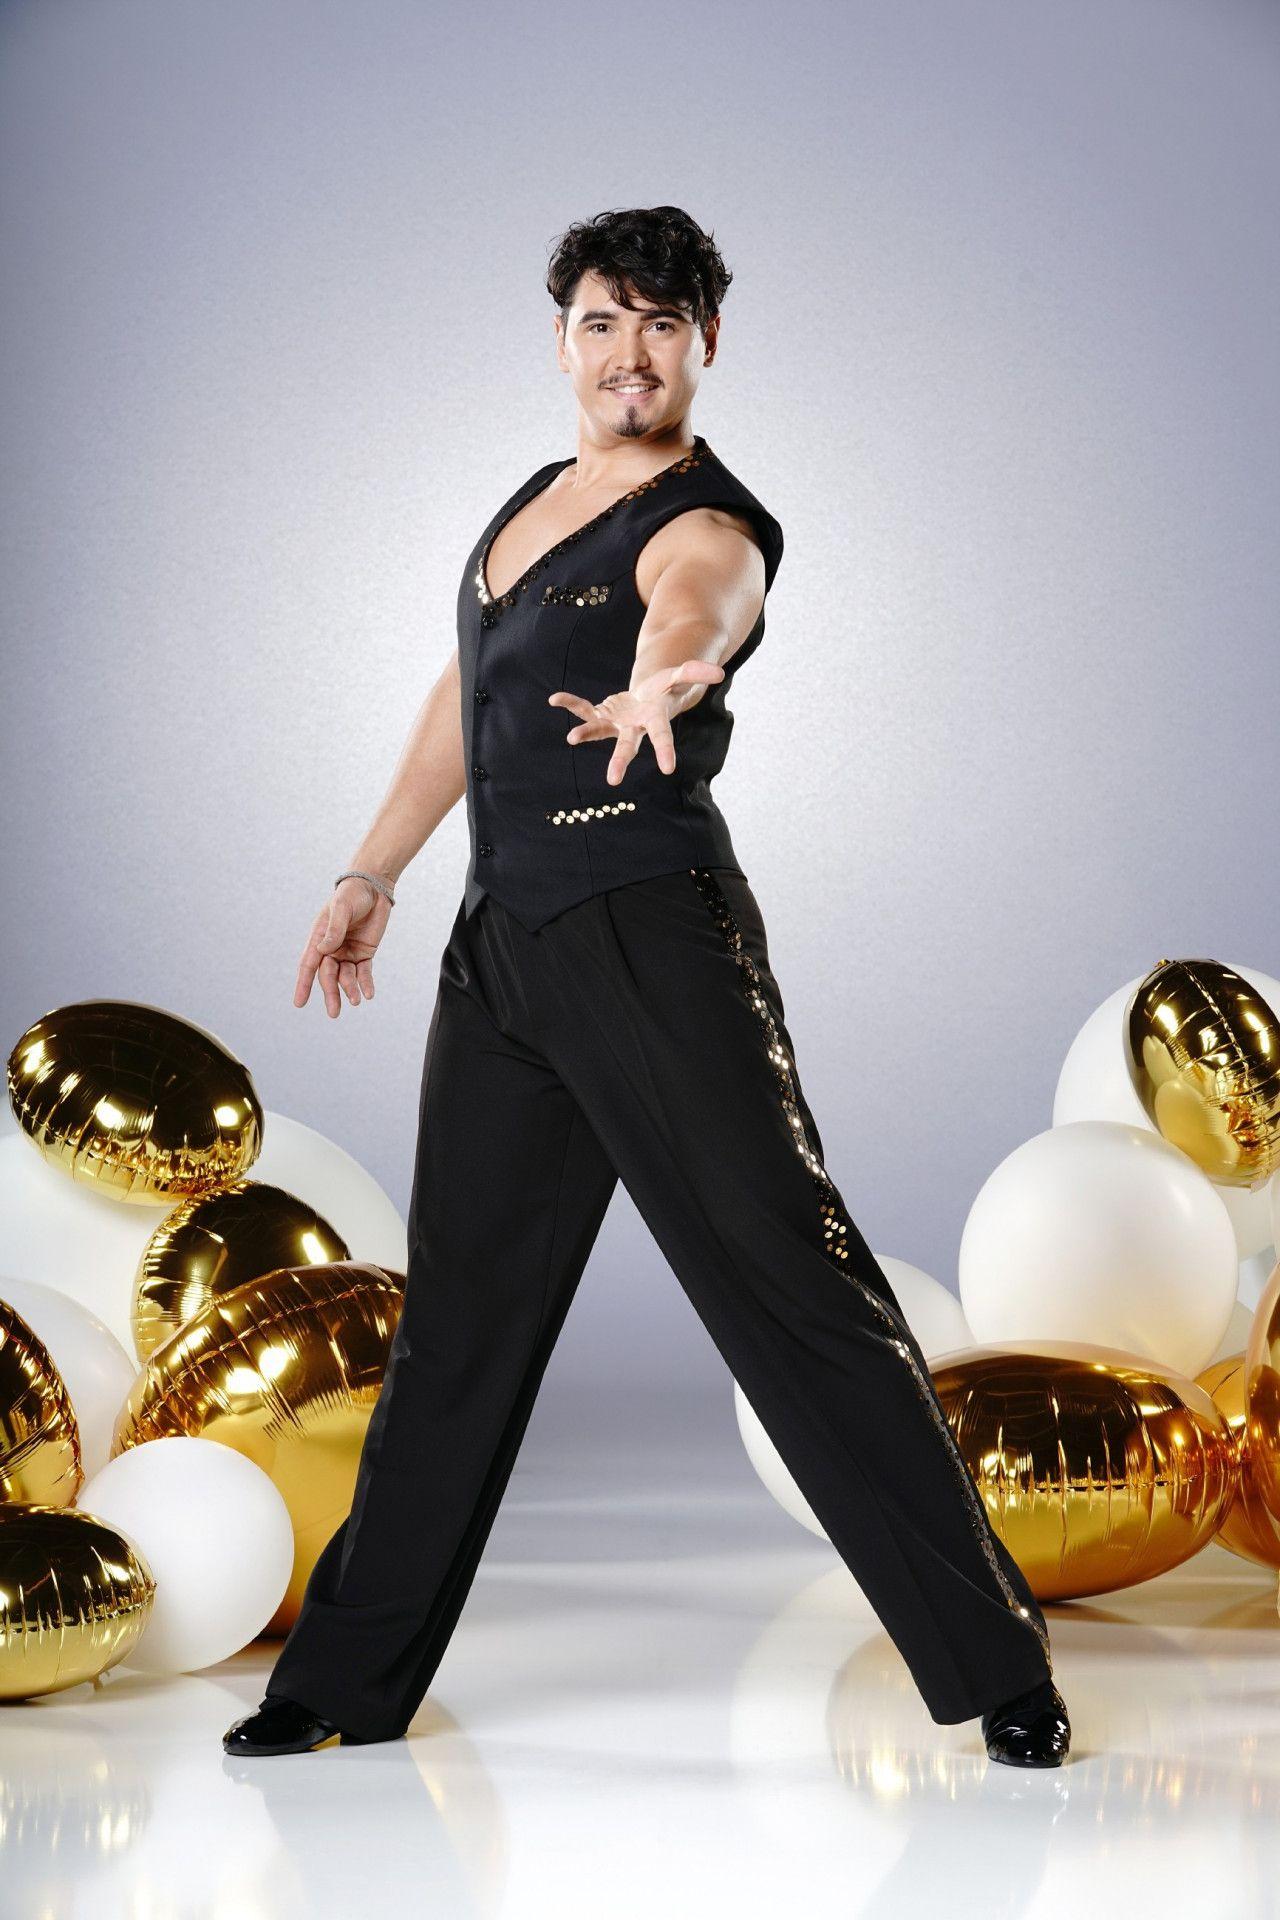 """Erich Klann kann mit einer Menge """"Let's Dance""""-Erfahrung aufwarten. 2011 gab er sein Debüt in der Show und durfte den Pokal schon zweimal mit nach Hause nehmen."""